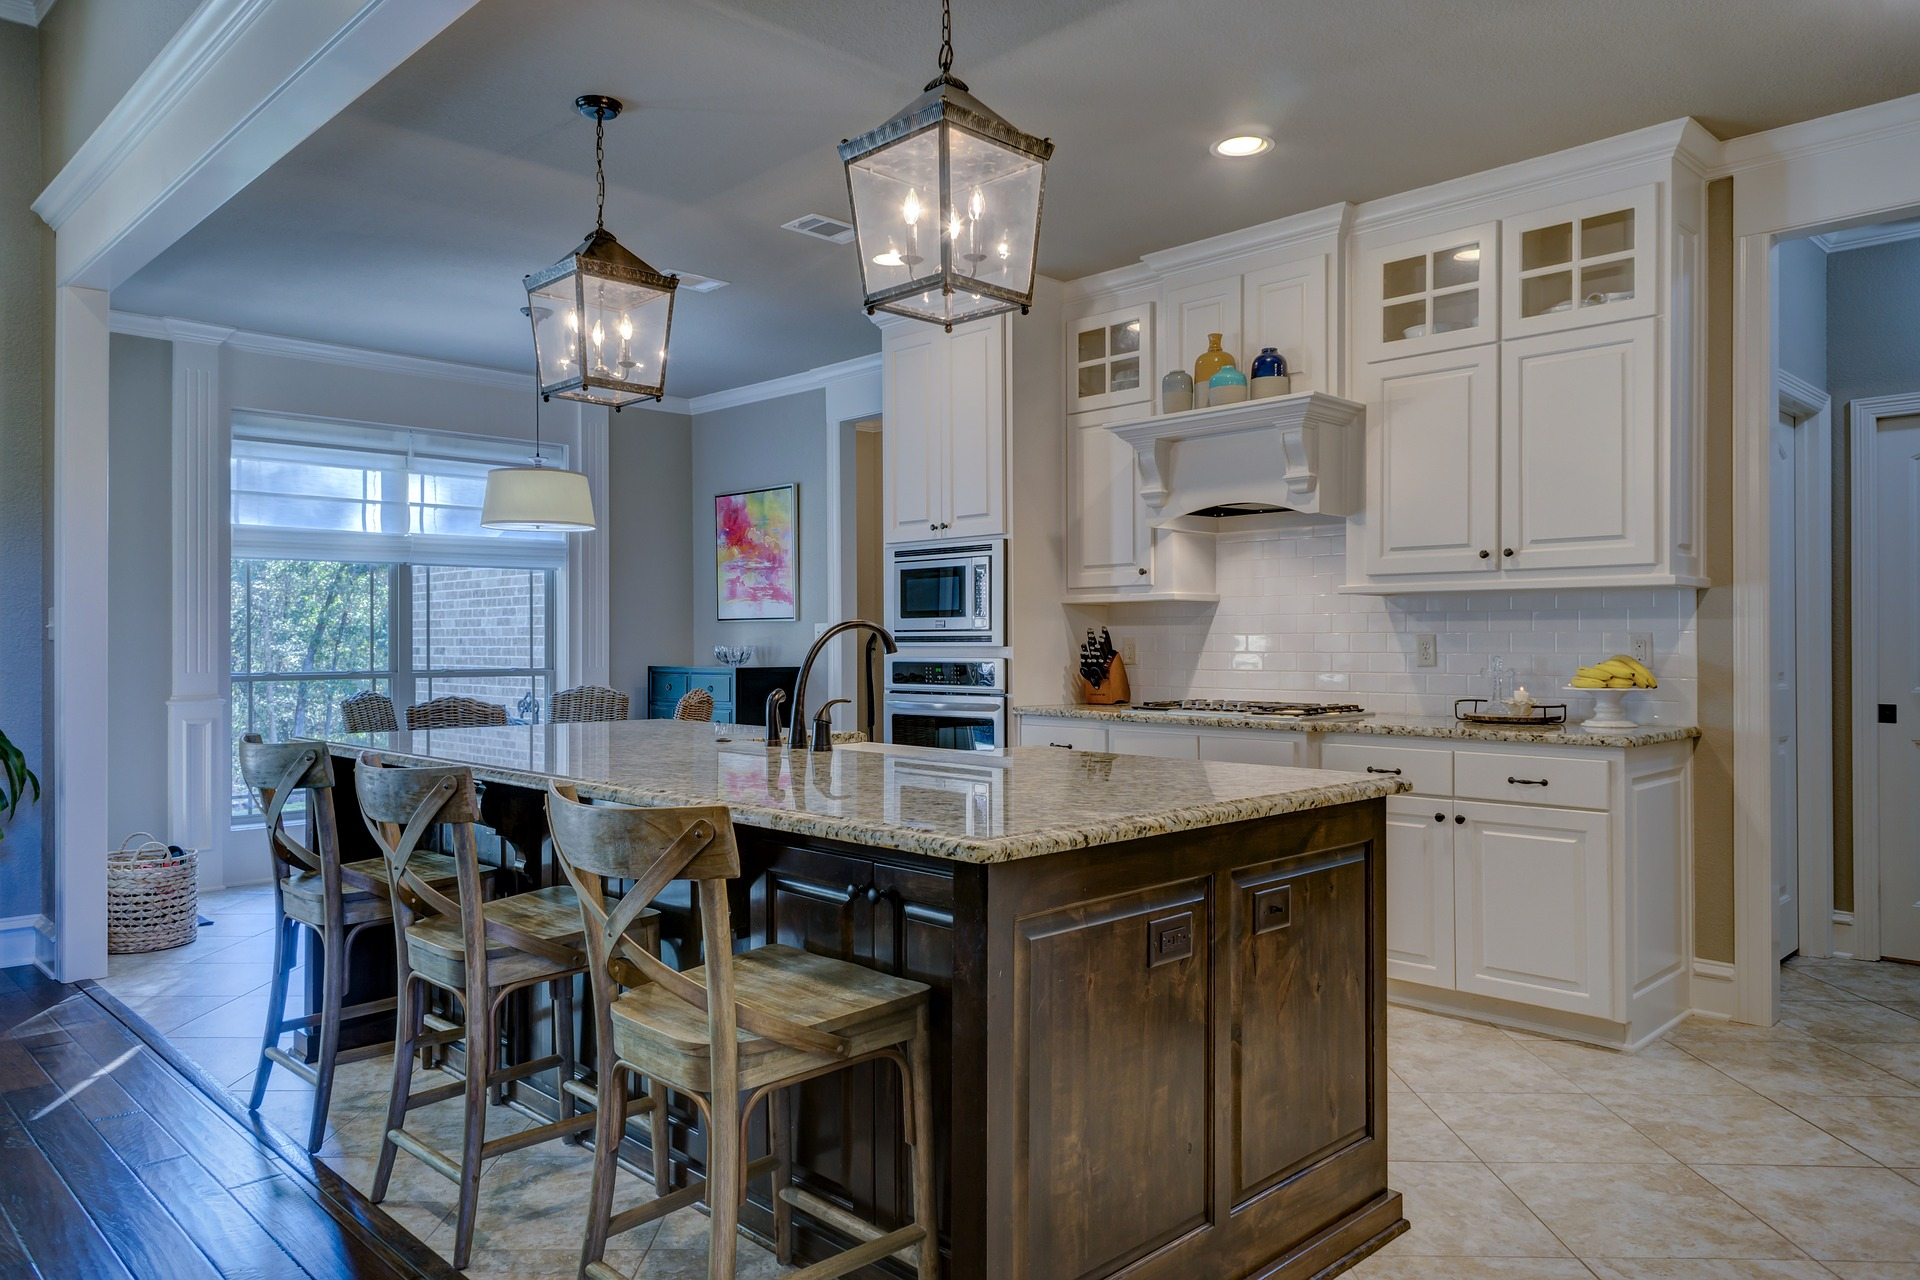 kitchen-1940175_1920 (1).jpg